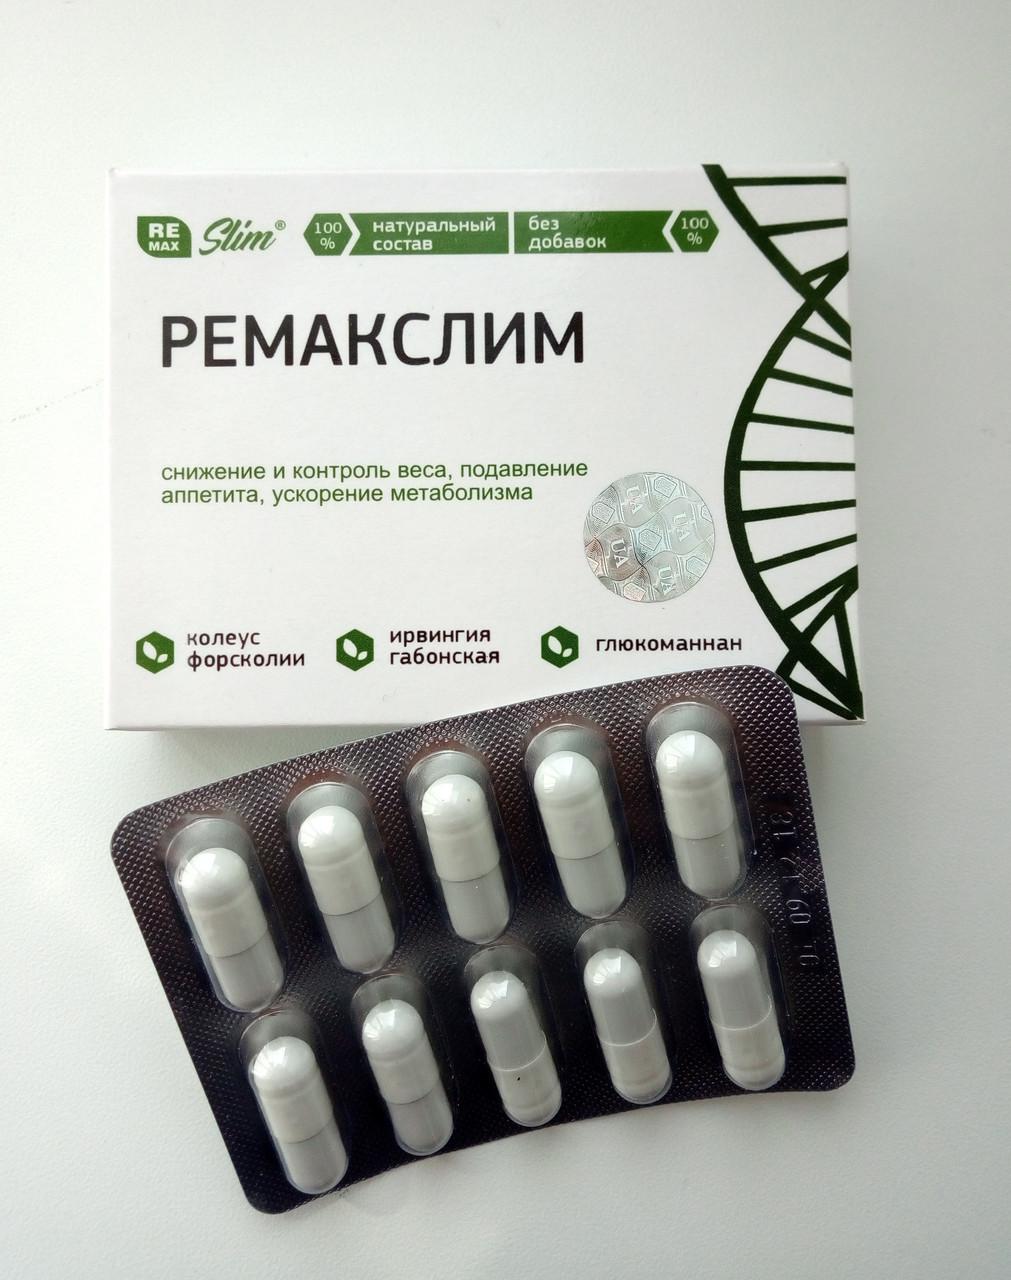 Remakslim капсулы для снижения и контроля веса Ремакслим ViP